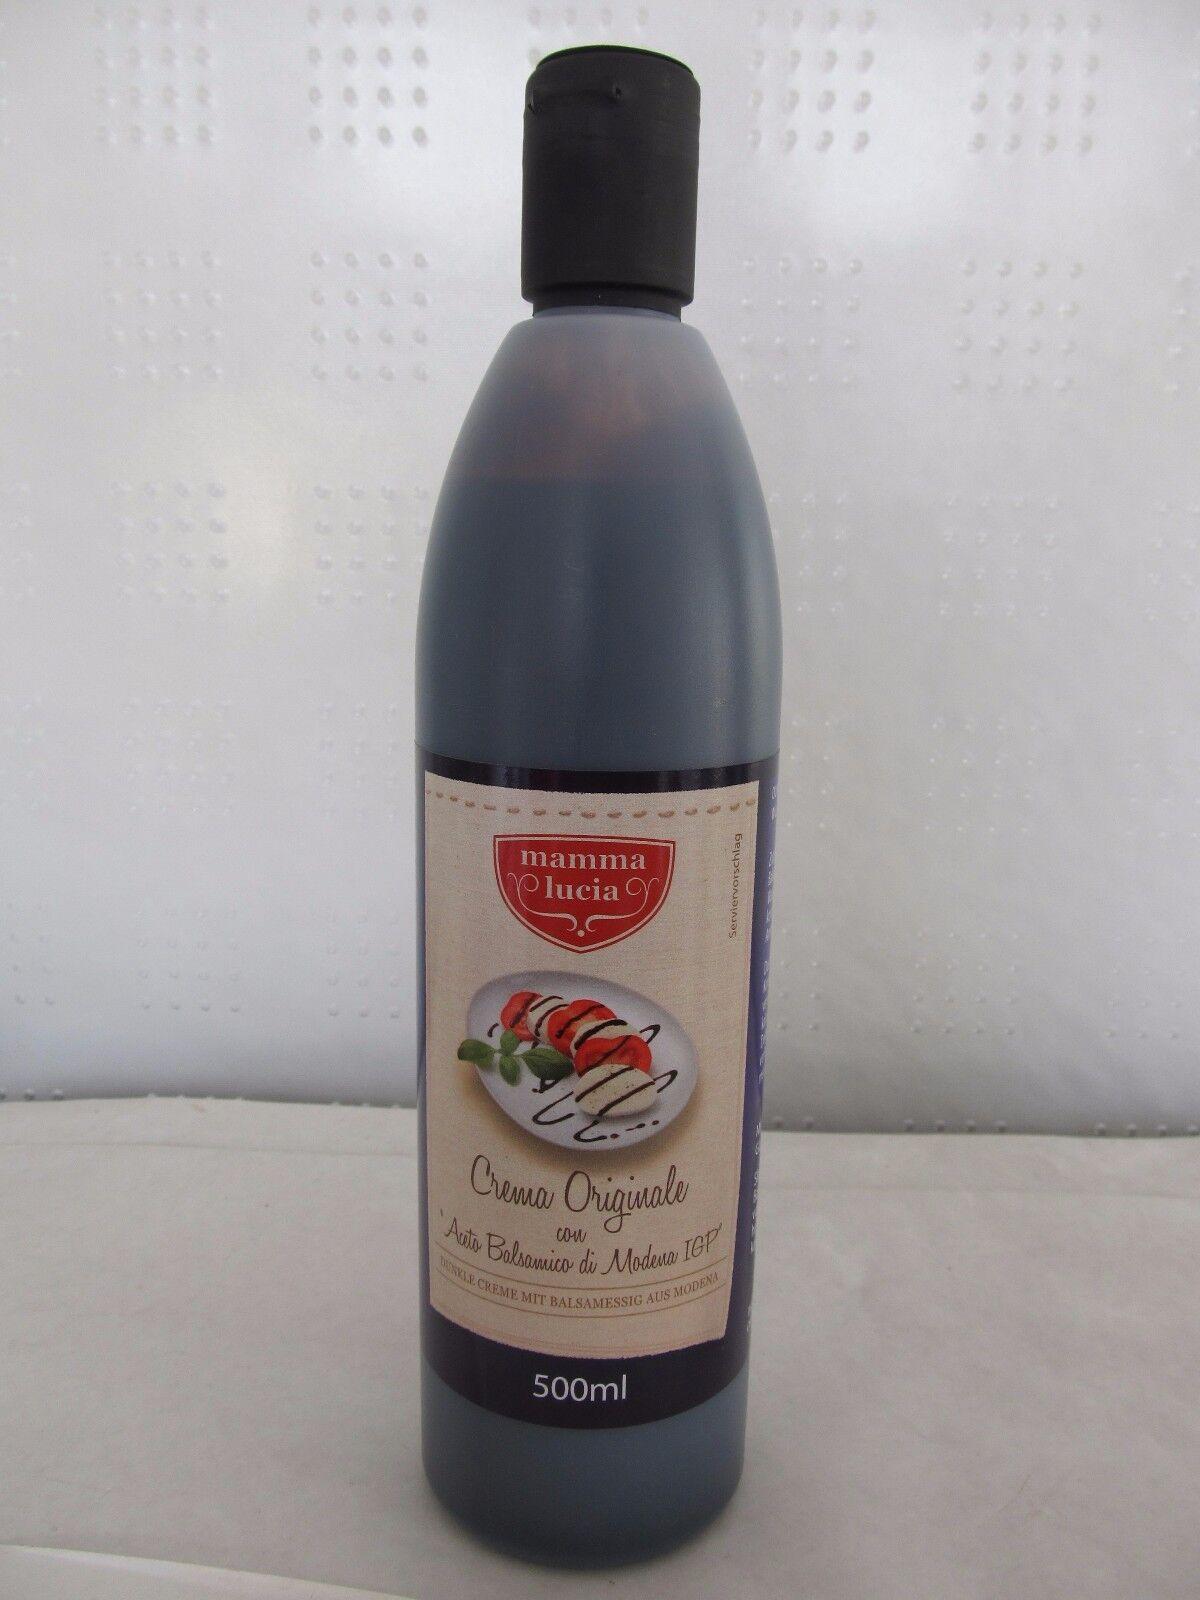 Mamma Lucia, Crema Originale con Aceto Balsamico di Modena, dunkle Creme, 500ml